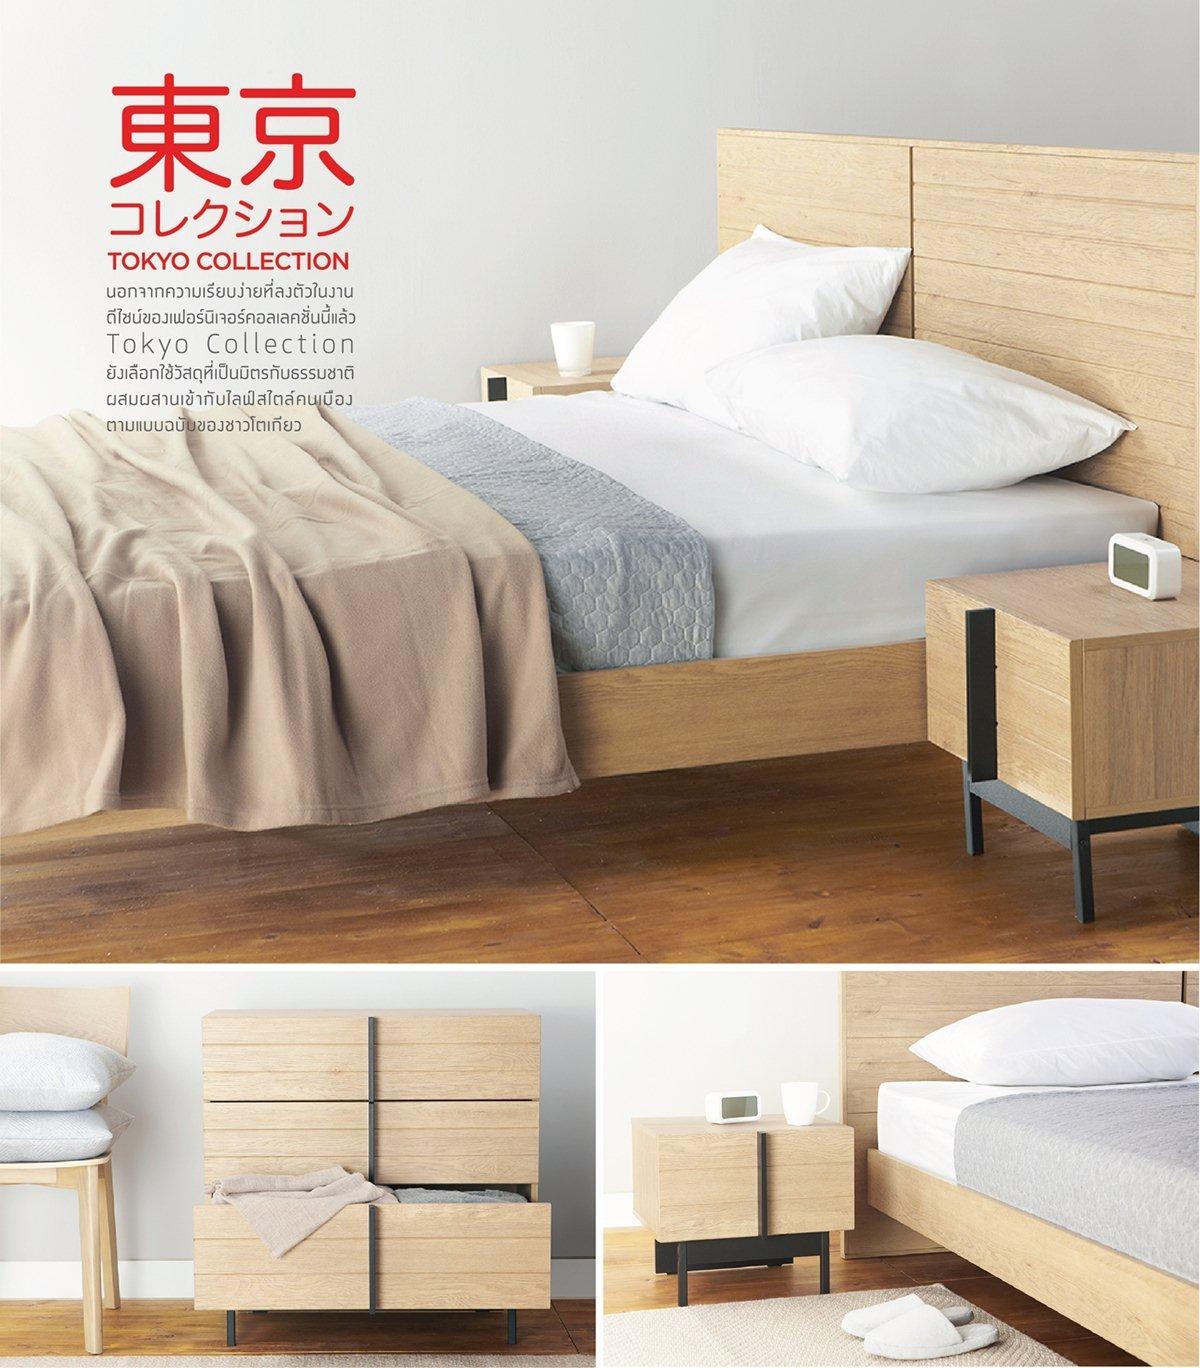 """""""วินเนอร์ เฟอร์นิเจอร์"""" (Winner Furniture) อัดกลยุทธ์  พัฒนาสินค้าจากอินไซด์ลูกค้า ส่งซีรี่ย์ใหม่ """"โตเกียว-โอซาก้า""""  ดันยอดขาย สู้ศึกเฟอร์ฯ 2 - Index Living Mall (อินเด็กซ์ ลิฟวิ่งมอลล์)"""